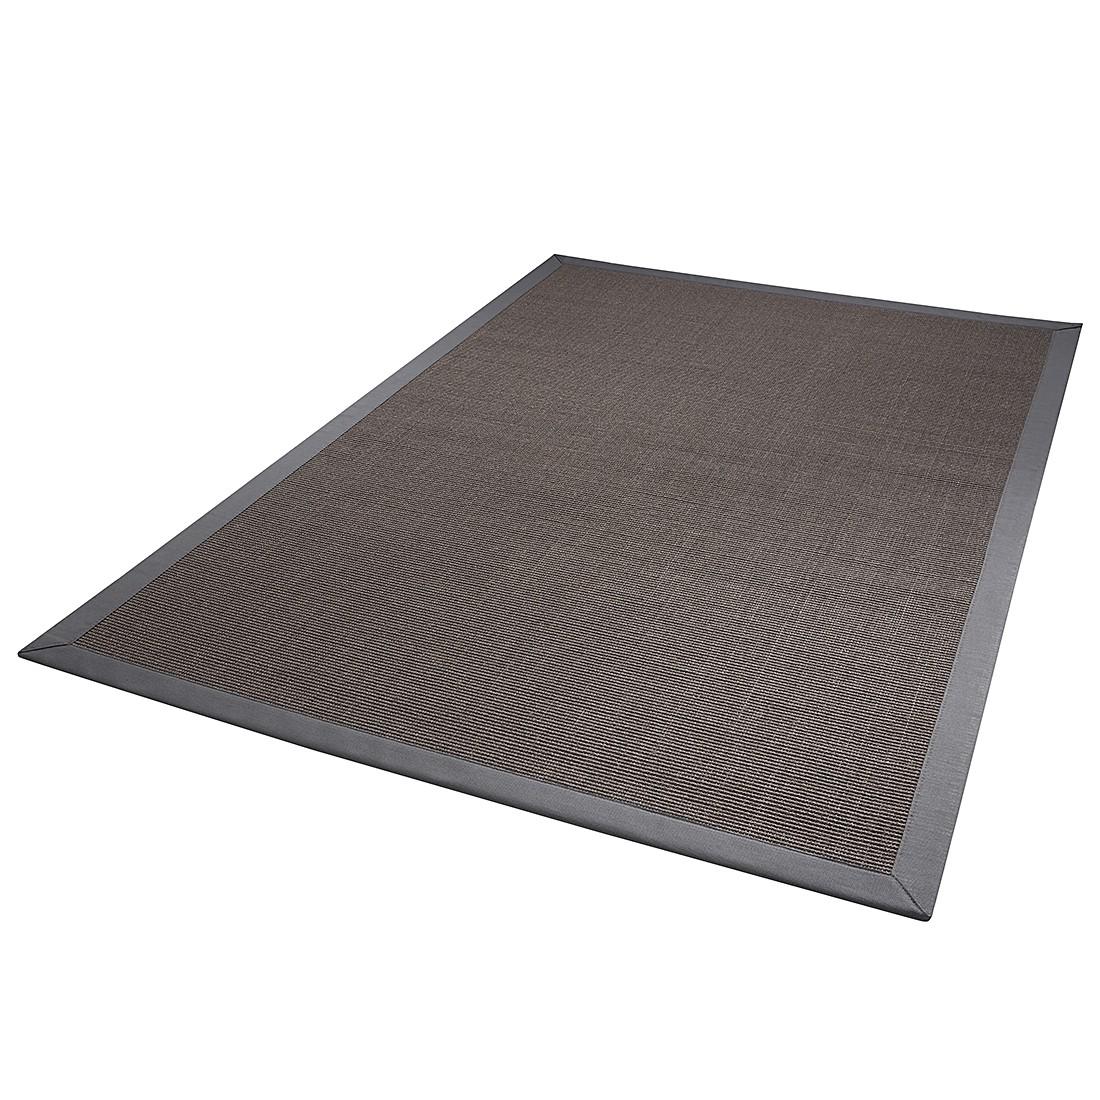 Teppich Mara A2 – Platin – 67 x 133 cm, DEKOWE online kaufen